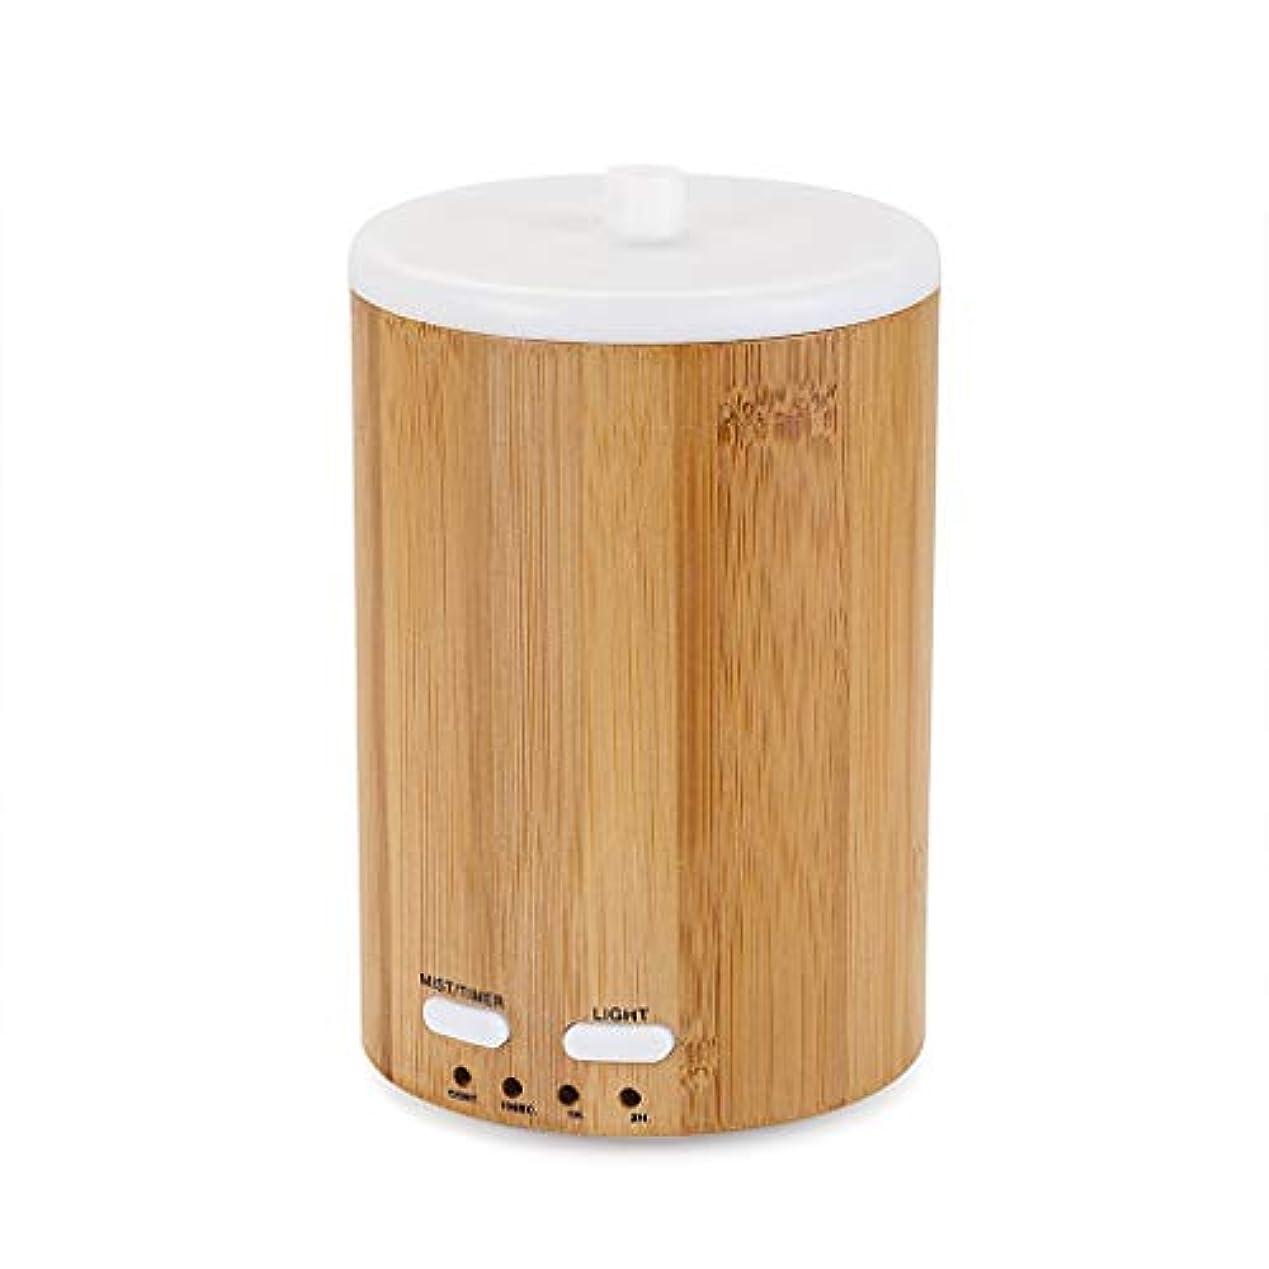 勢いメッシュ甥アップグレードされたリアル竹ディフューザー超音波ディフューザークールミスト加湿器断続的な連続ミスト2作業モードウォーターレスオートオフ7色LEDライト (Color : Bamboo)